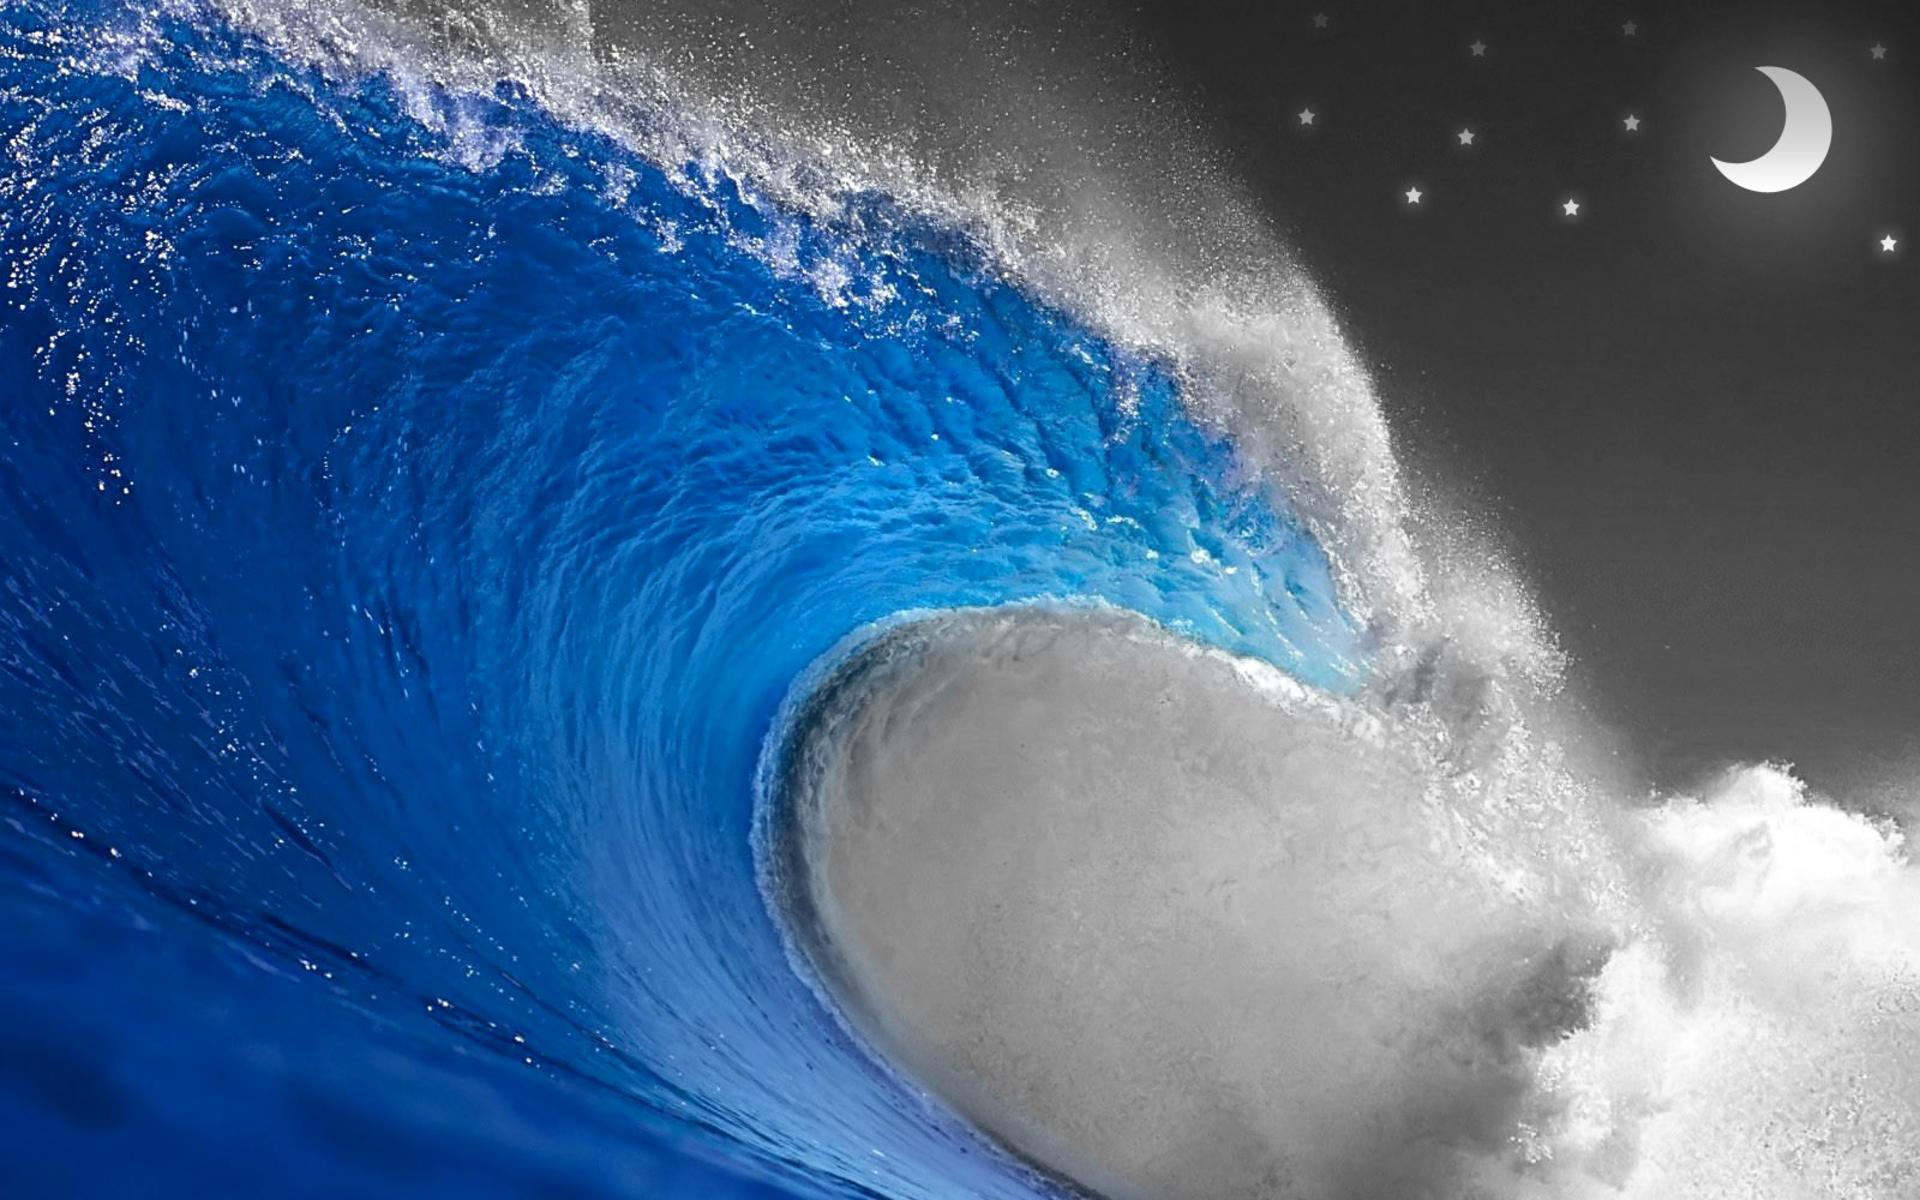 27808 скачать обои Фон, Море, Волны - заставки и картинки бесплатно